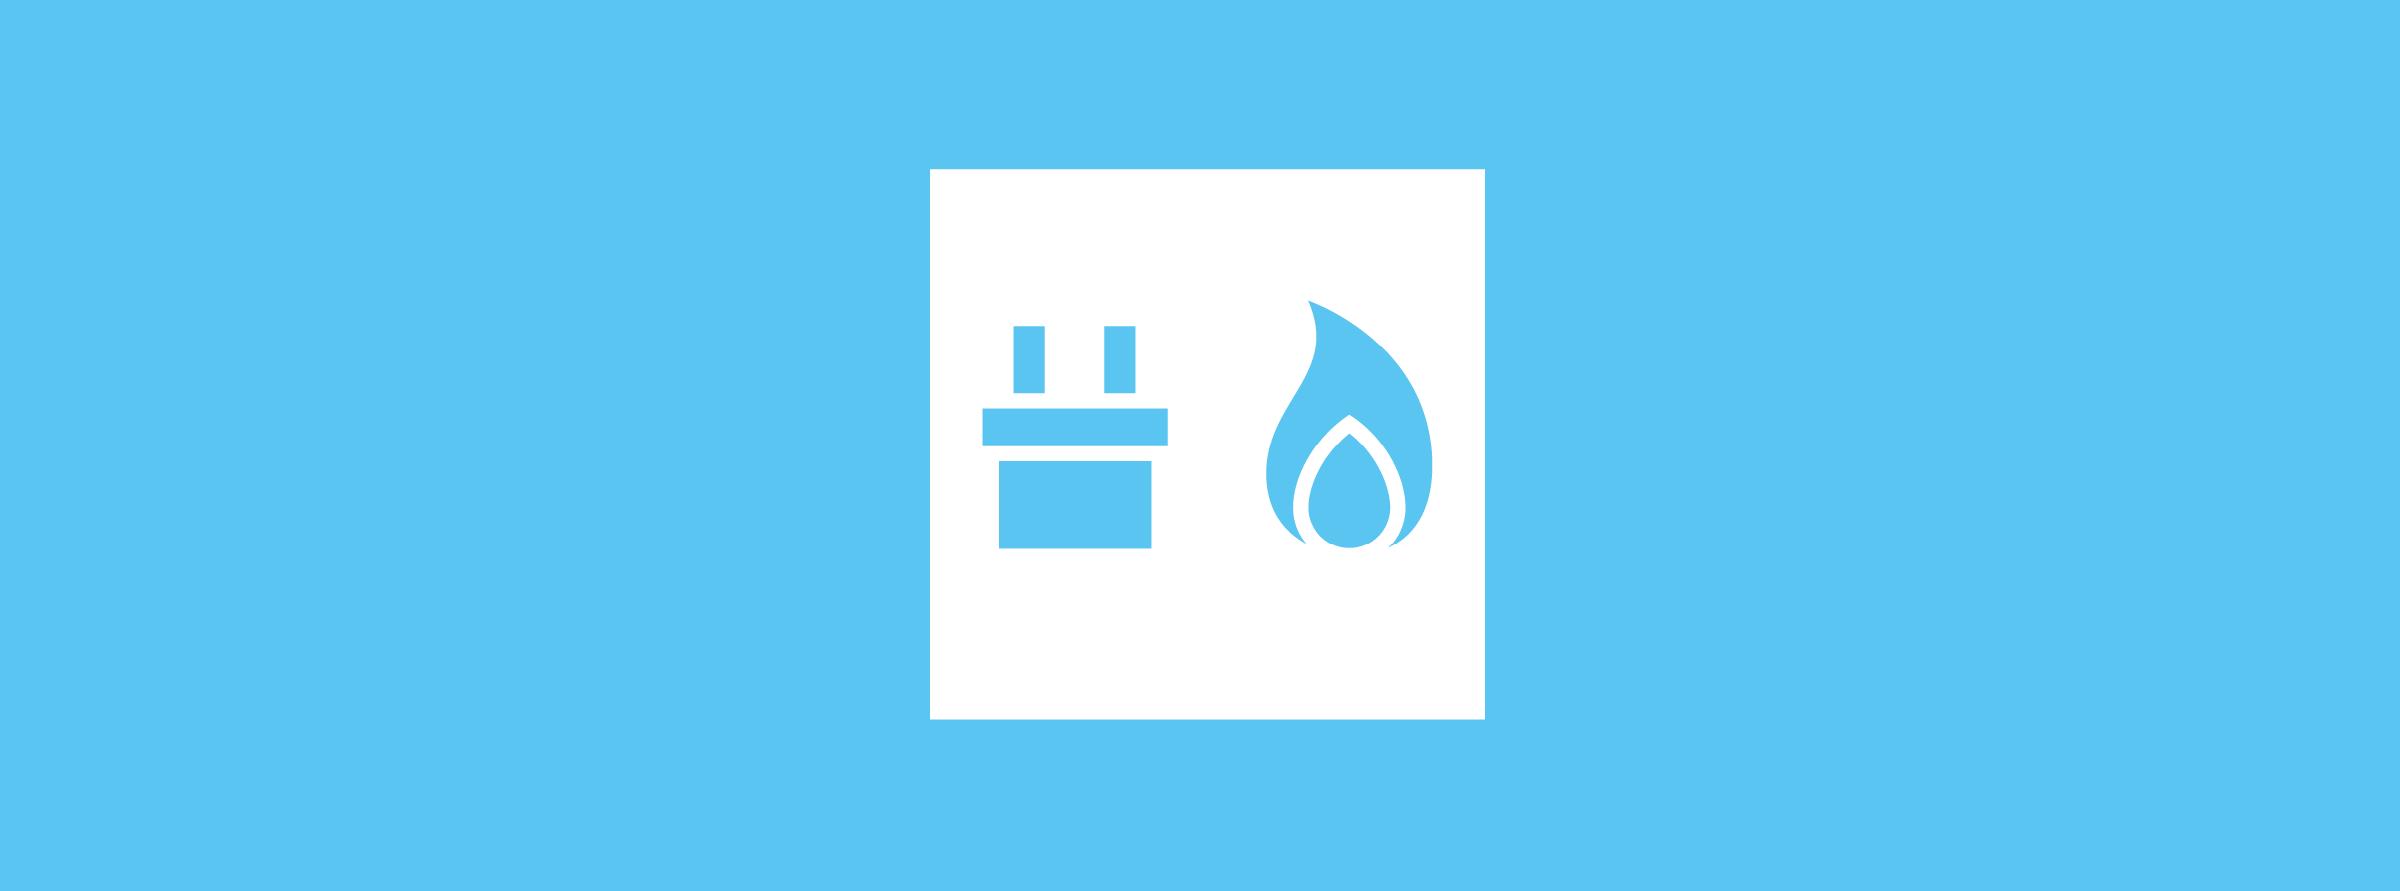 Lieferung Strom & Gas